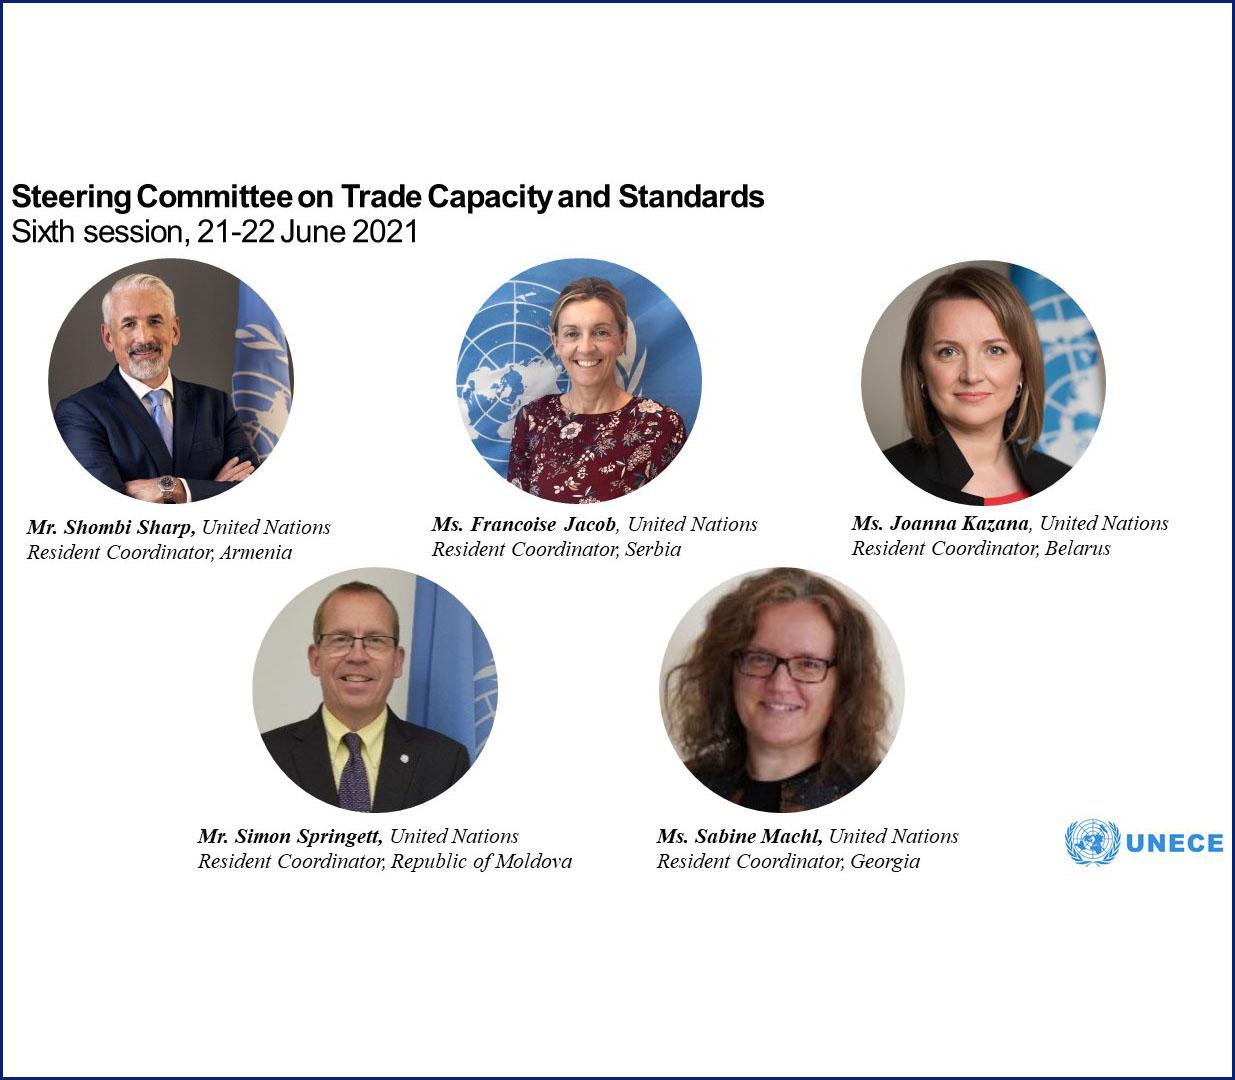 Постоянные координаторы ООН, участники шестой сессии Руководящего комитета ЕЭК ООН по потенциалу и стандартам торговли